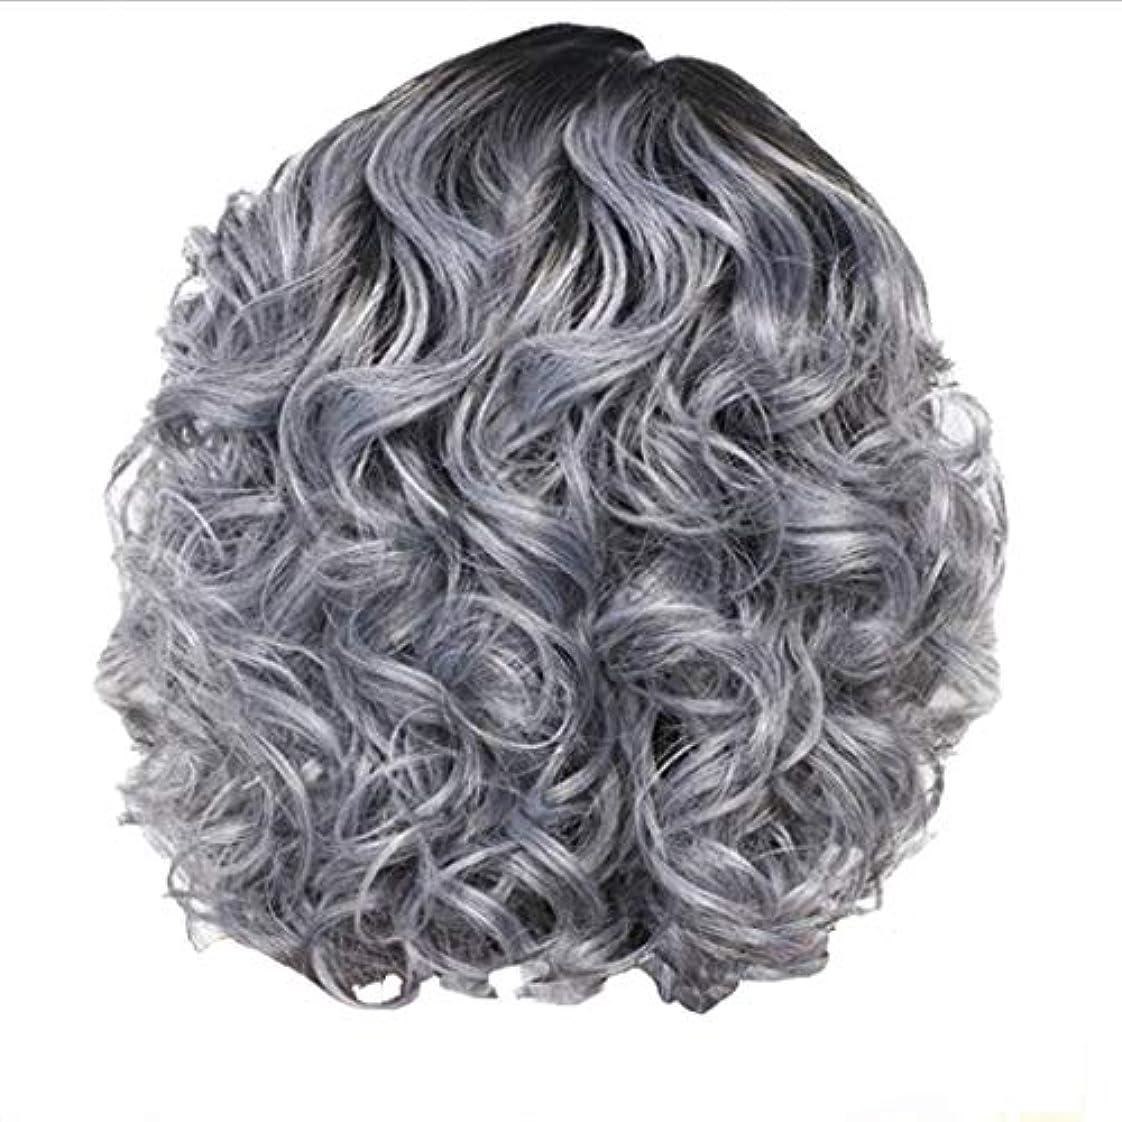 盟主知覚ランダムかつら女性の短い巻き毛シルバーグレーレトロ巻き毛ネット30 cm